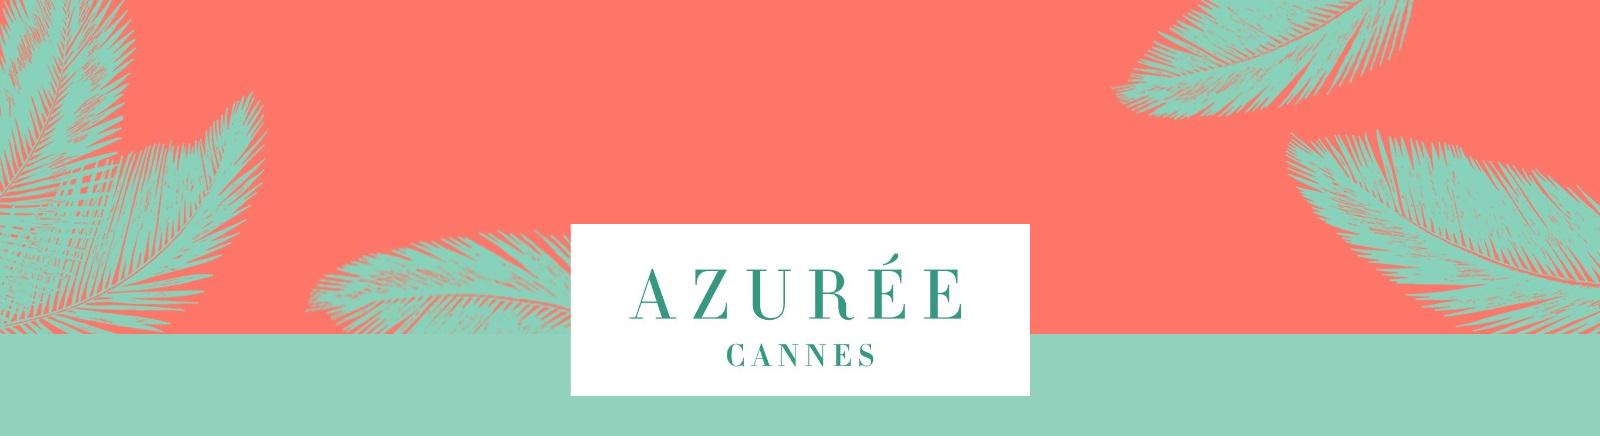 Prange: Azurée Damenschuhe online shoppen